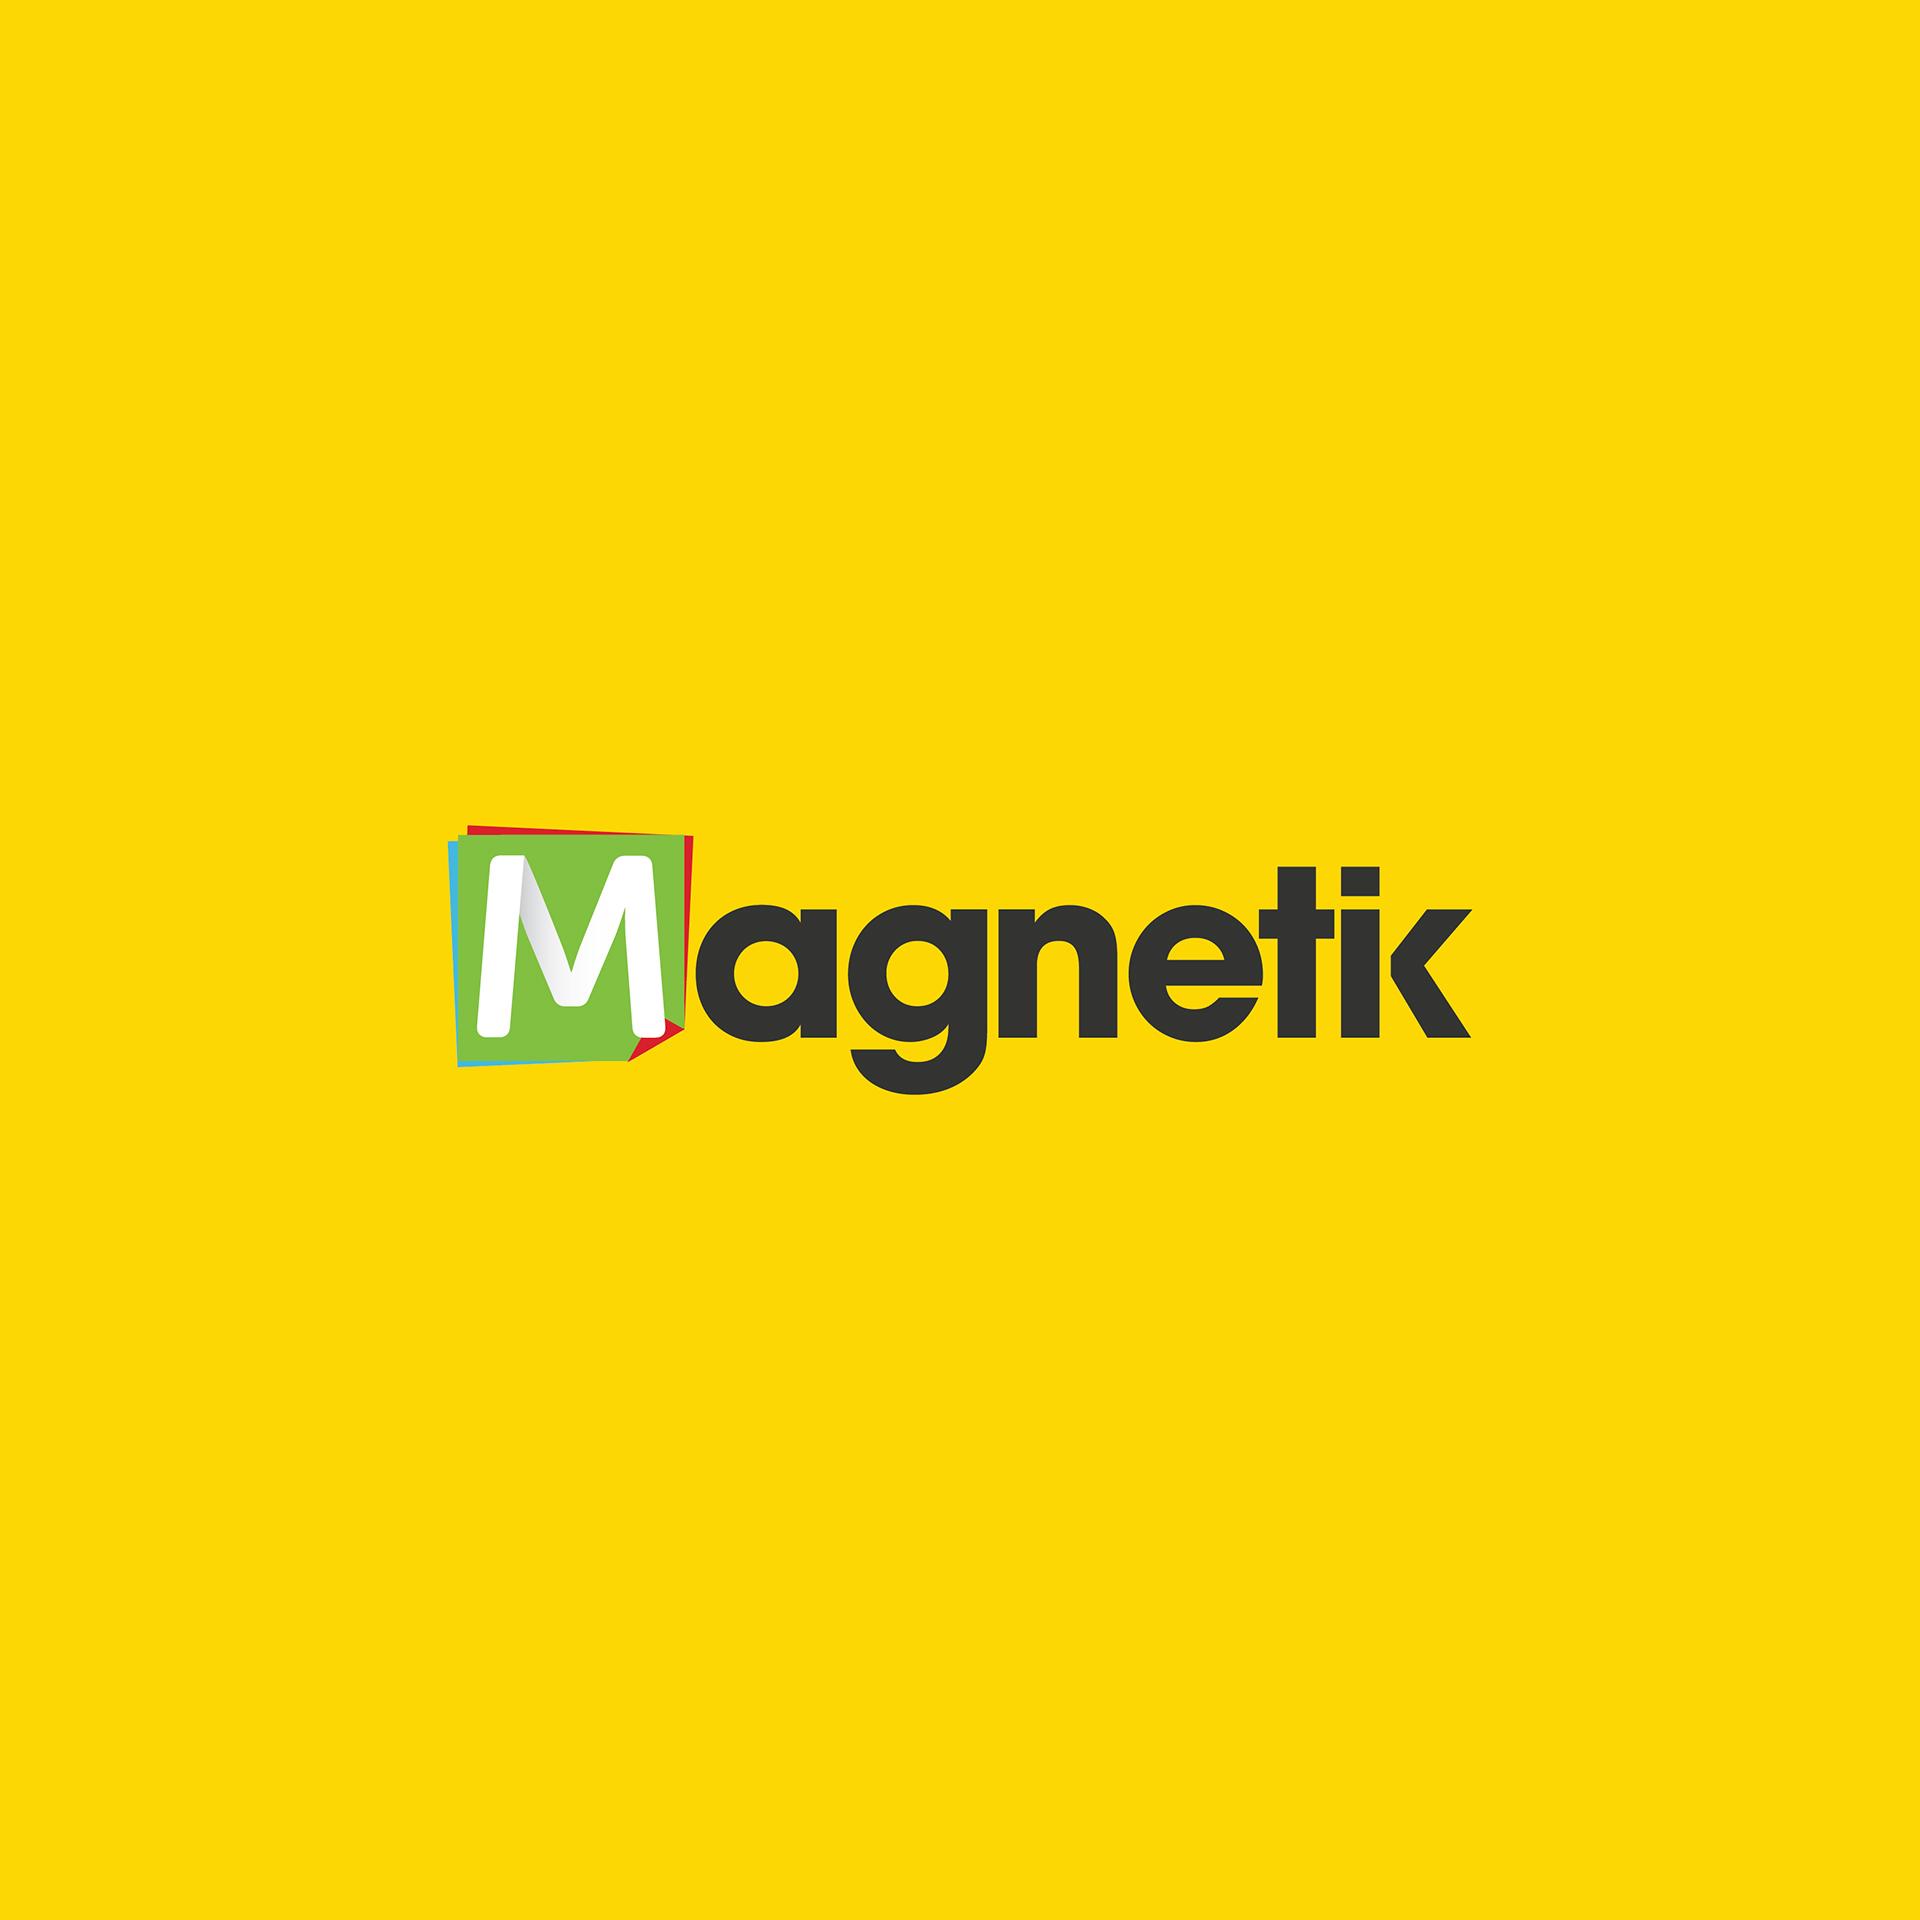 magnetik_1